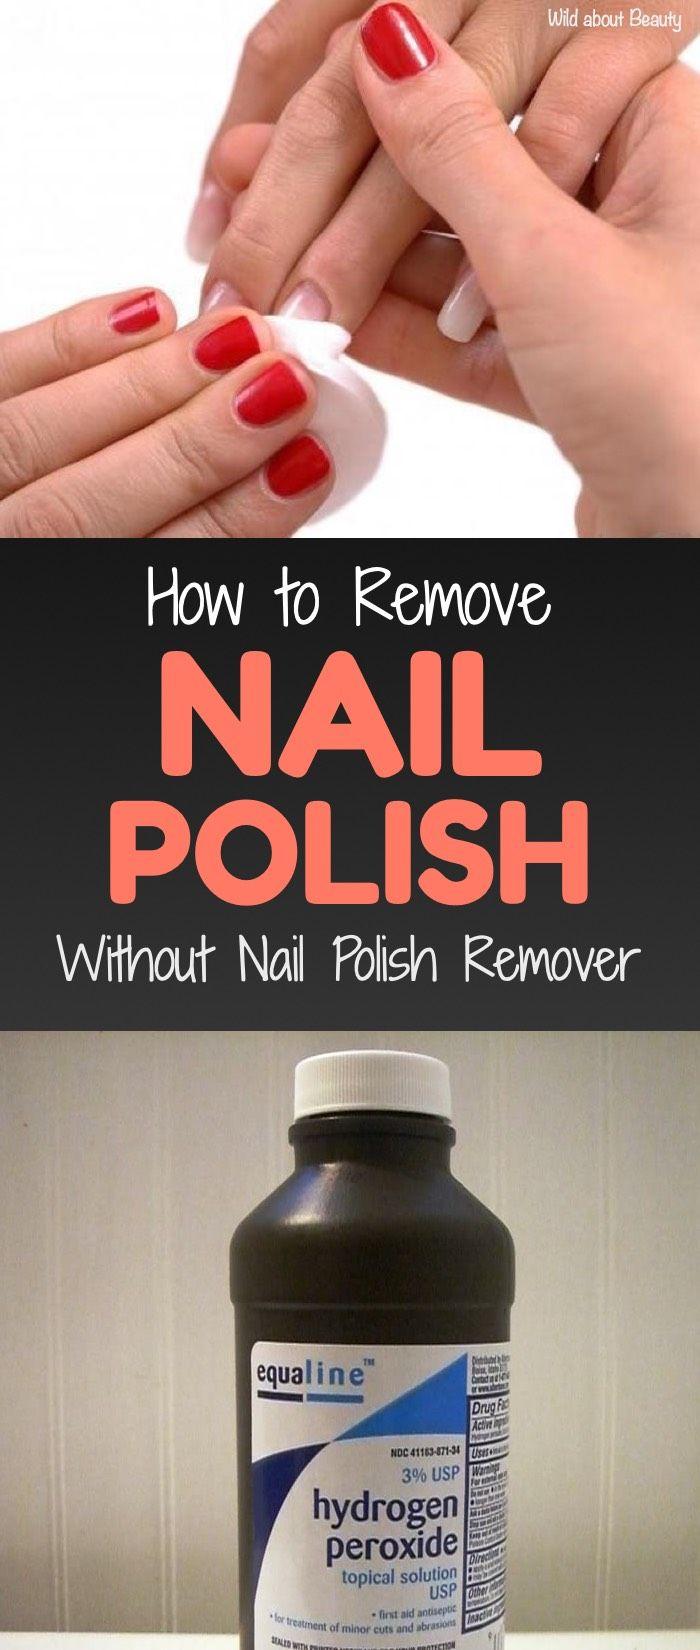 How To Remove Nail Polish Without Nail Polish Remover 8 Natural Solutions Acrylic Nail Polish Diy Nail Polish Remover Nail Polish Remover